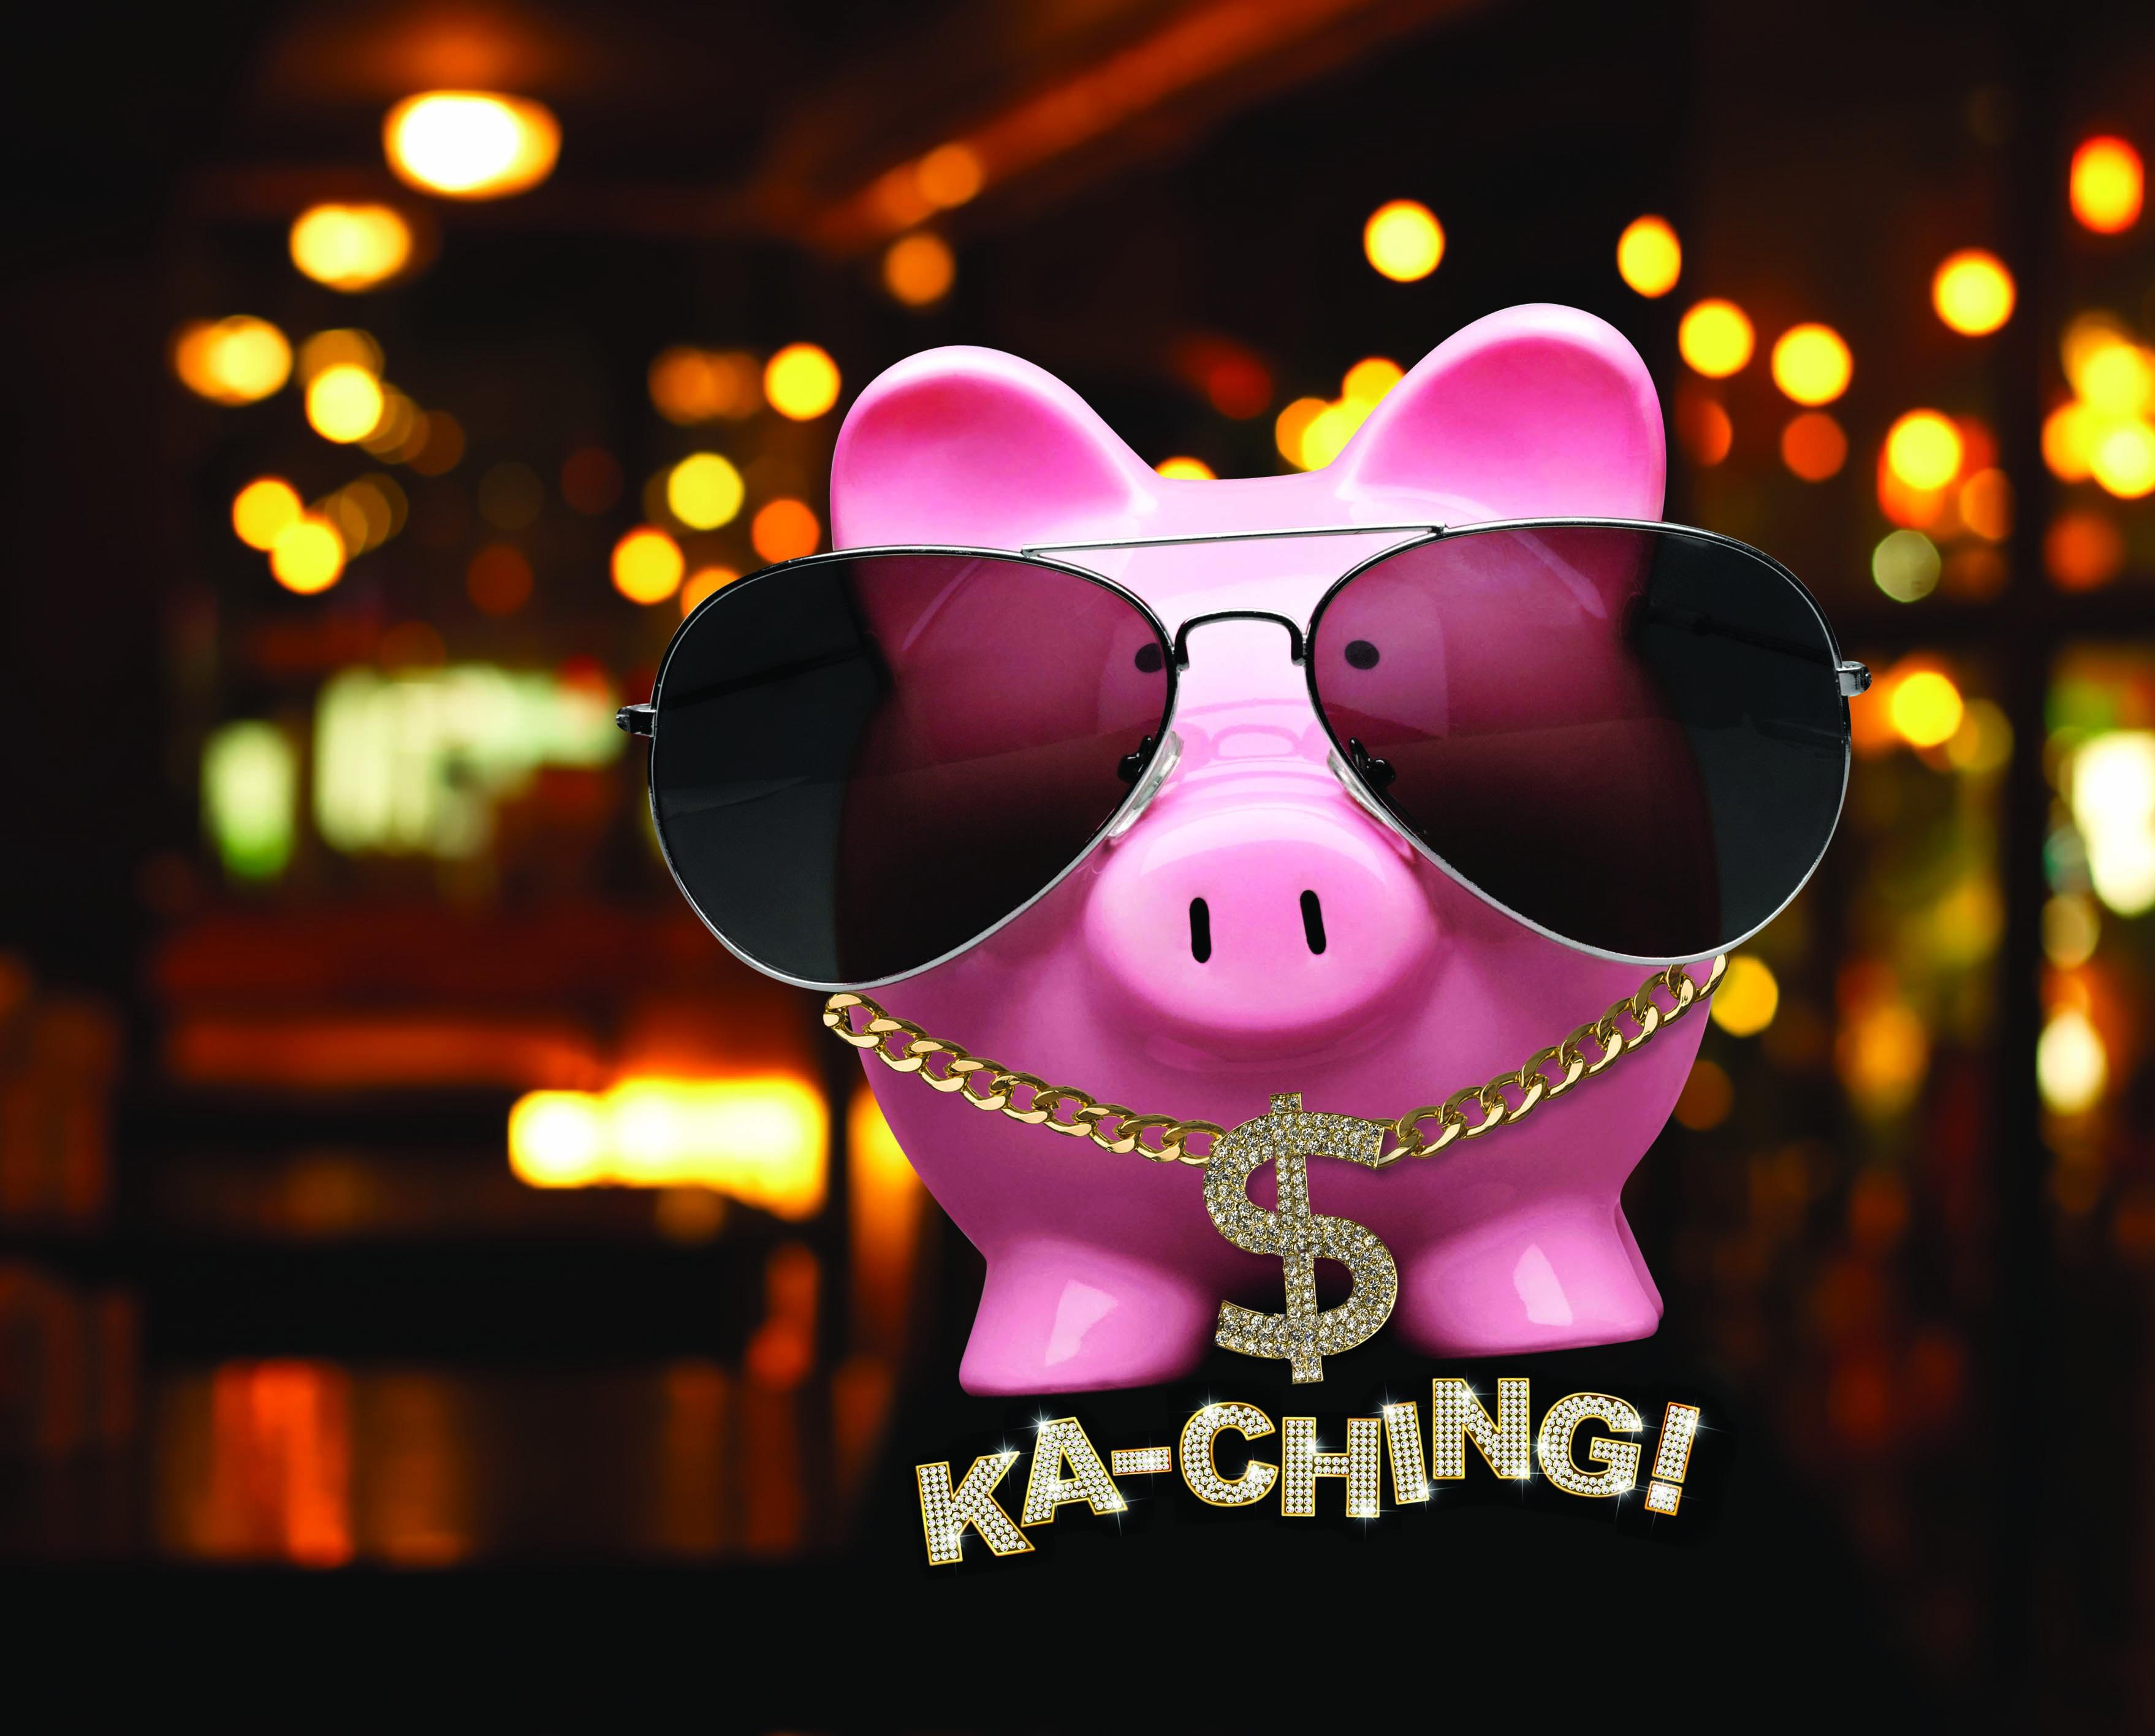 Spécial cash : tout ce que tu as toujours voulu savoir